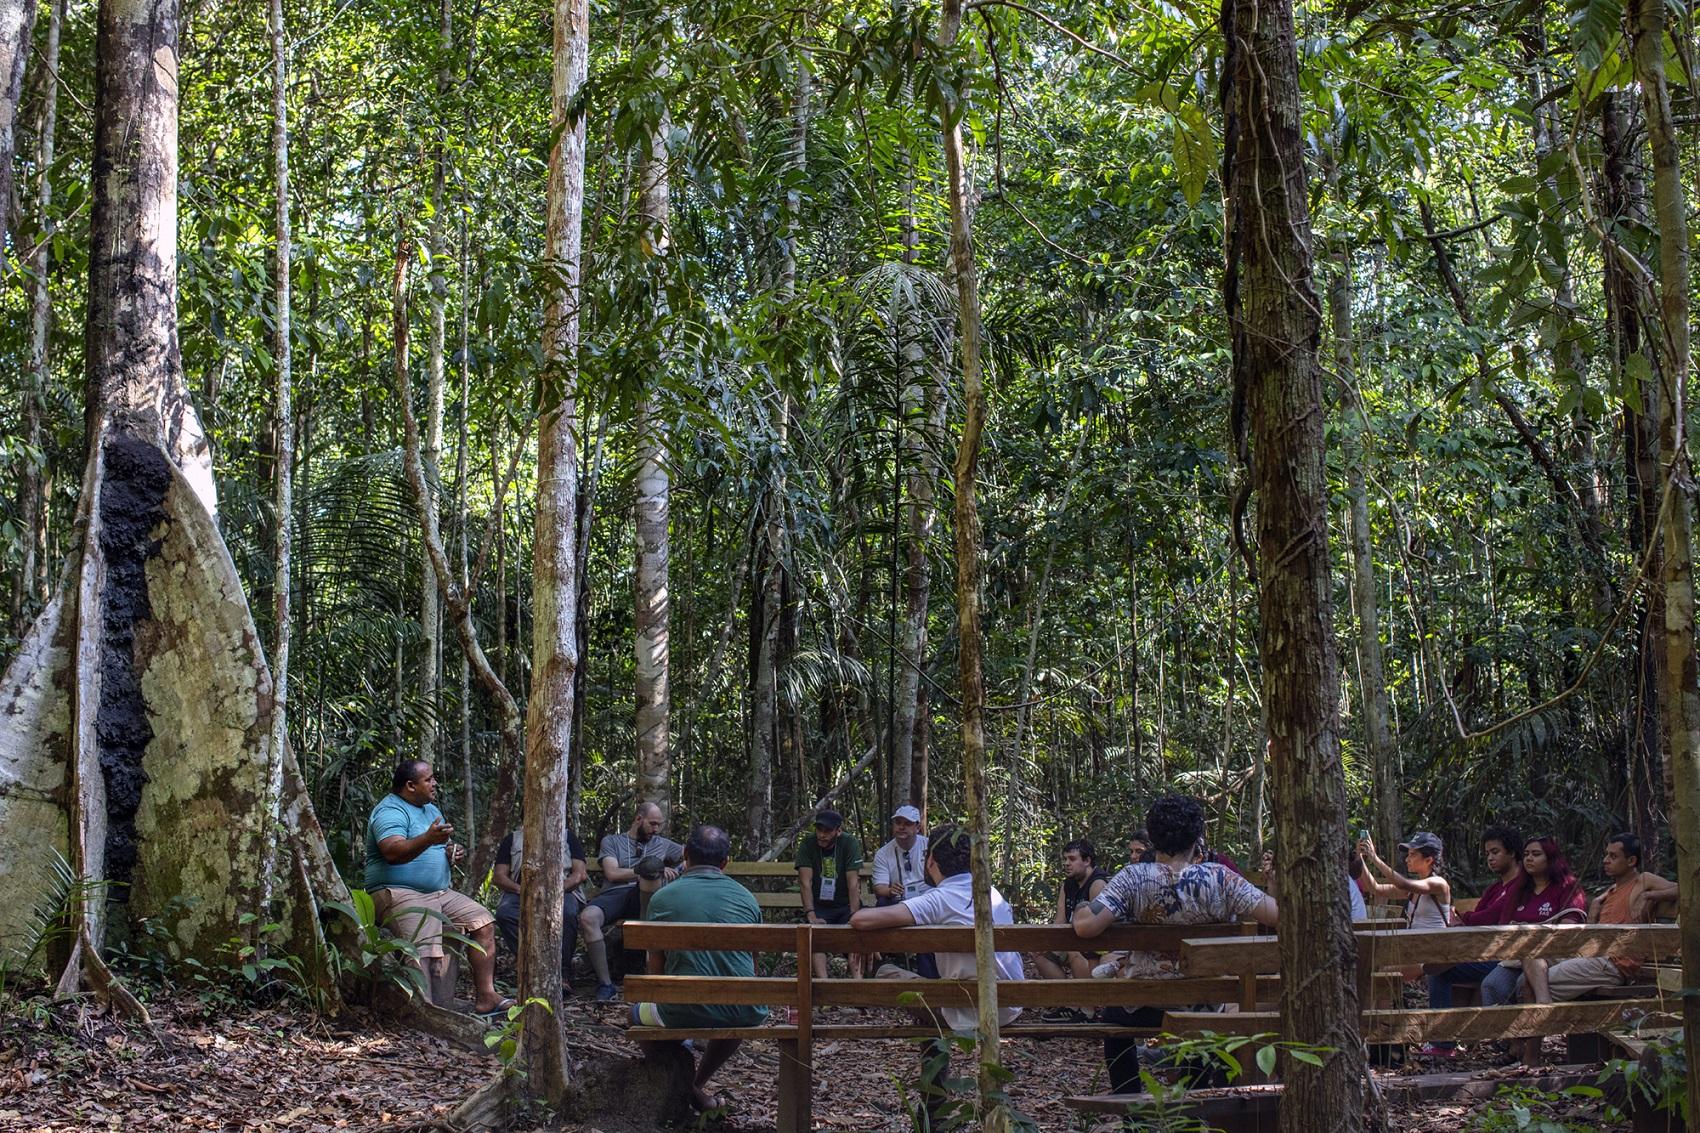 oberto Brito, ex -madeireiro que agora trabalha com turismo comunitário, fala para jornalistas participantes do 13º Enecob sobre a Comunidade Tumbira, na RDS do Rio Negro (Foto: Marizilda Cruppe)